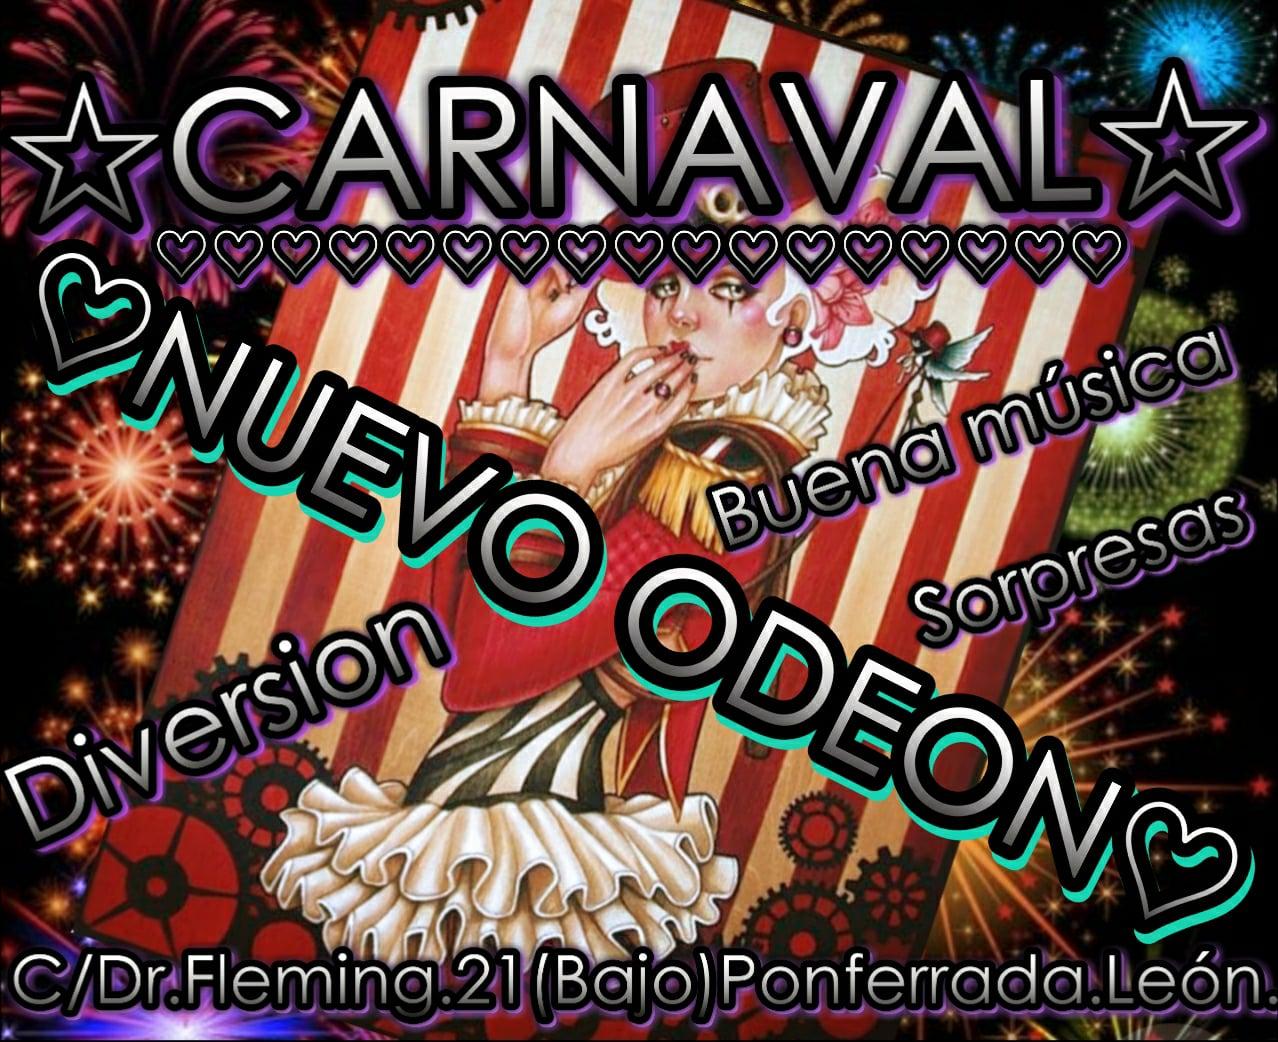 Agenda del Carnaval 2018 en el Bierzo. Guía con las fechas, recorridos y premios 33